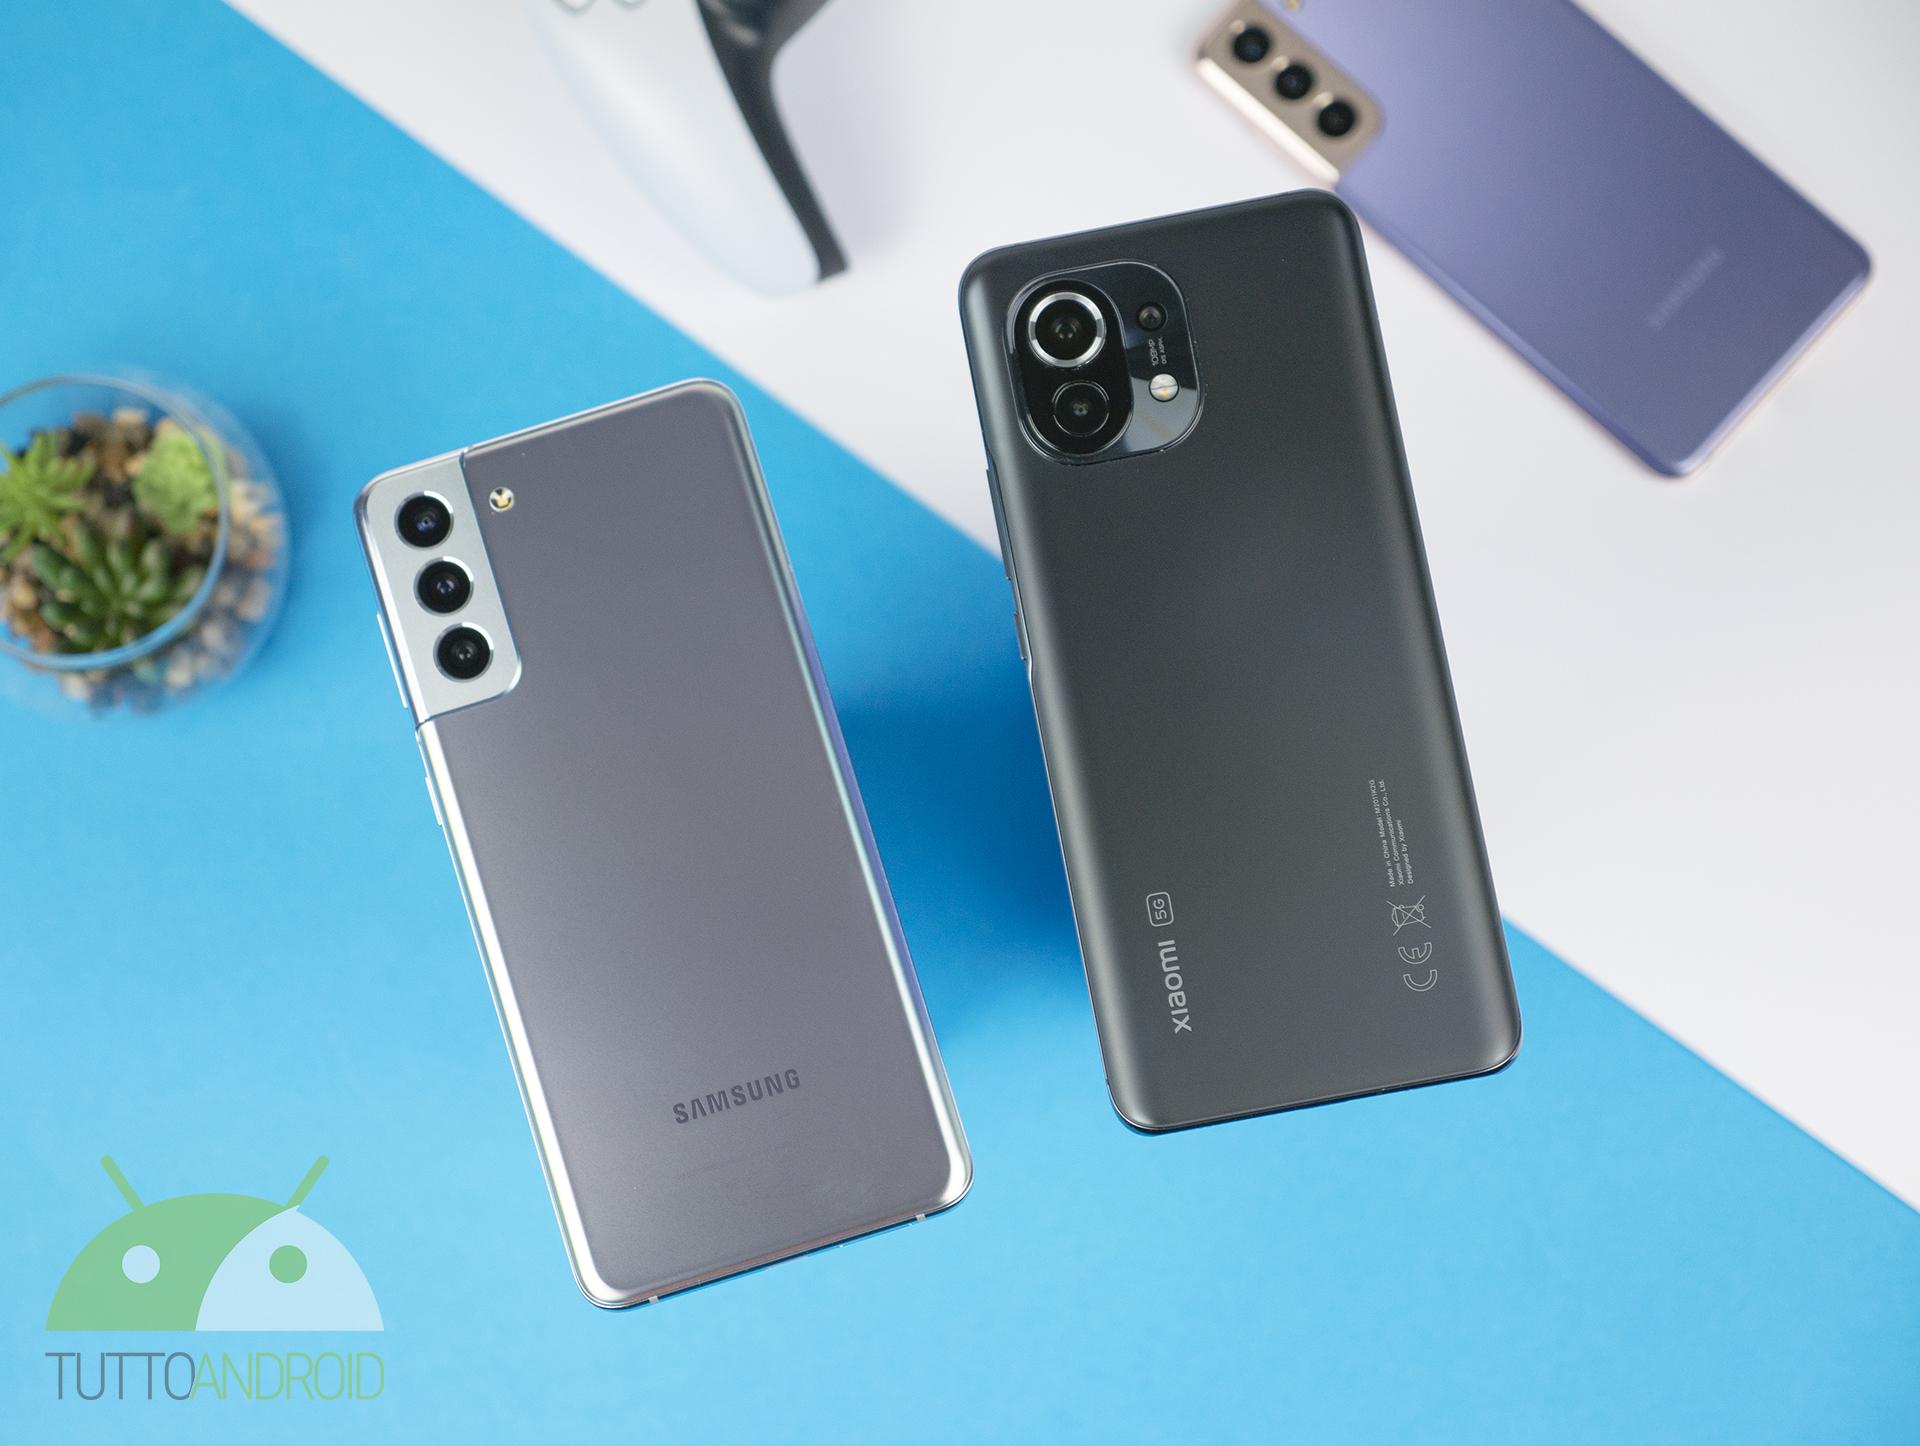 Smartphone a rate in fattura con TIM: aggiornati prezzi Samsung, Xiaomi e OPPO